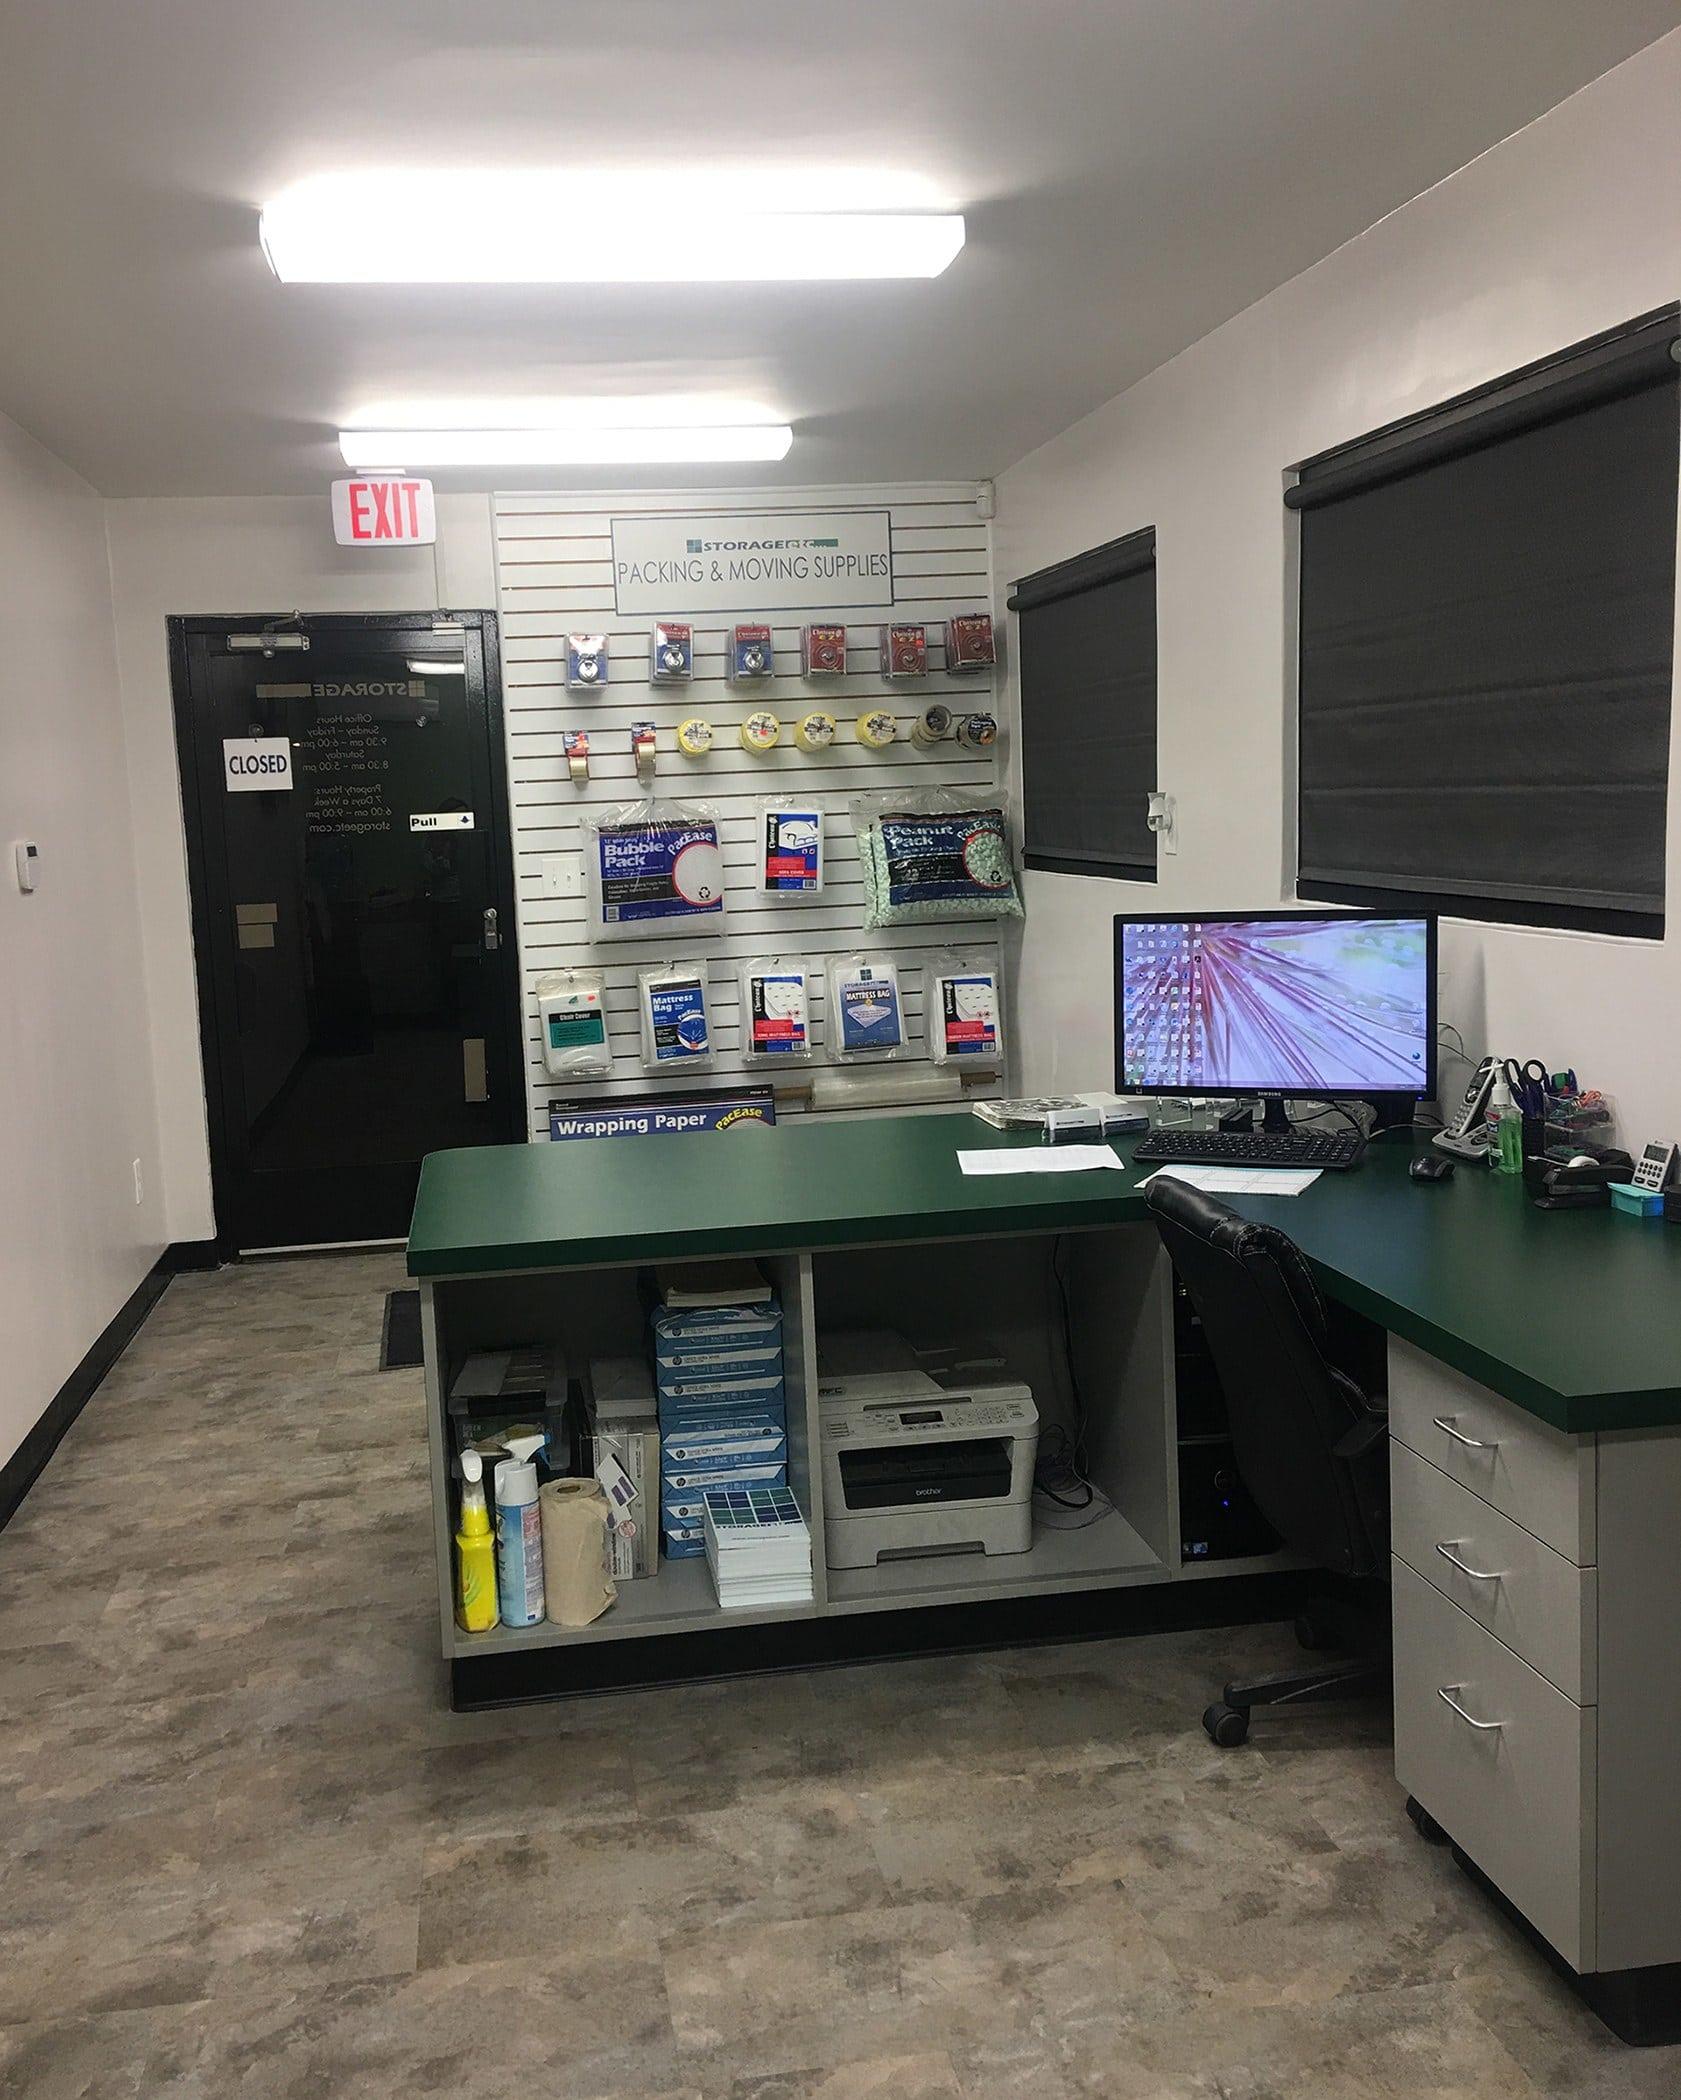 Self Storage Rental Office at Storage Etc... Anaheim